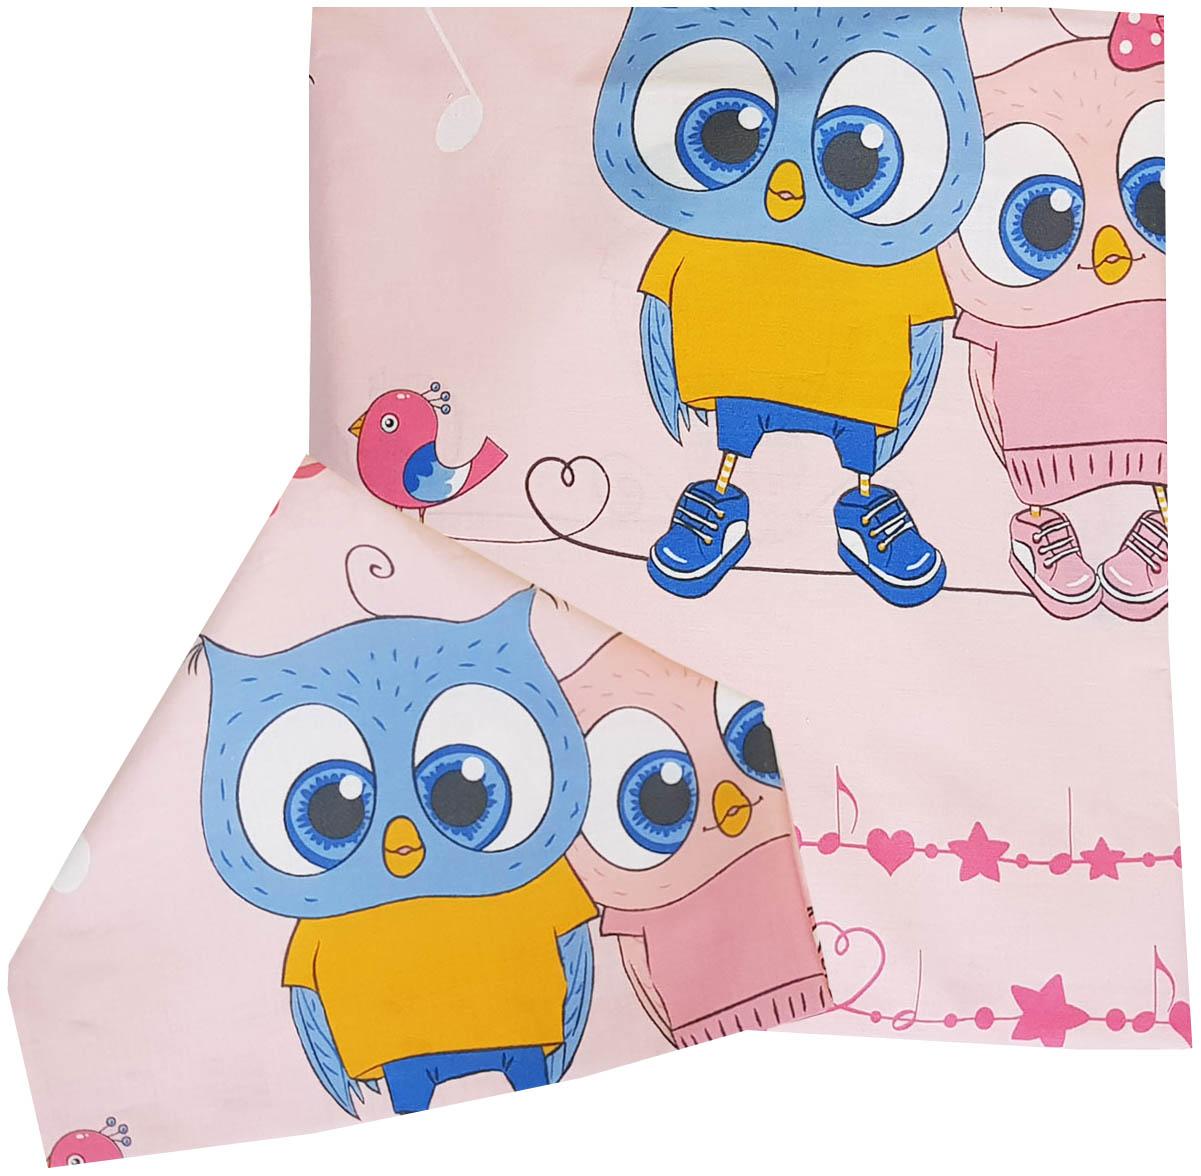 Комплект постельного белья детский Папитто Совята розовый 147x112 см, простыня на резинке